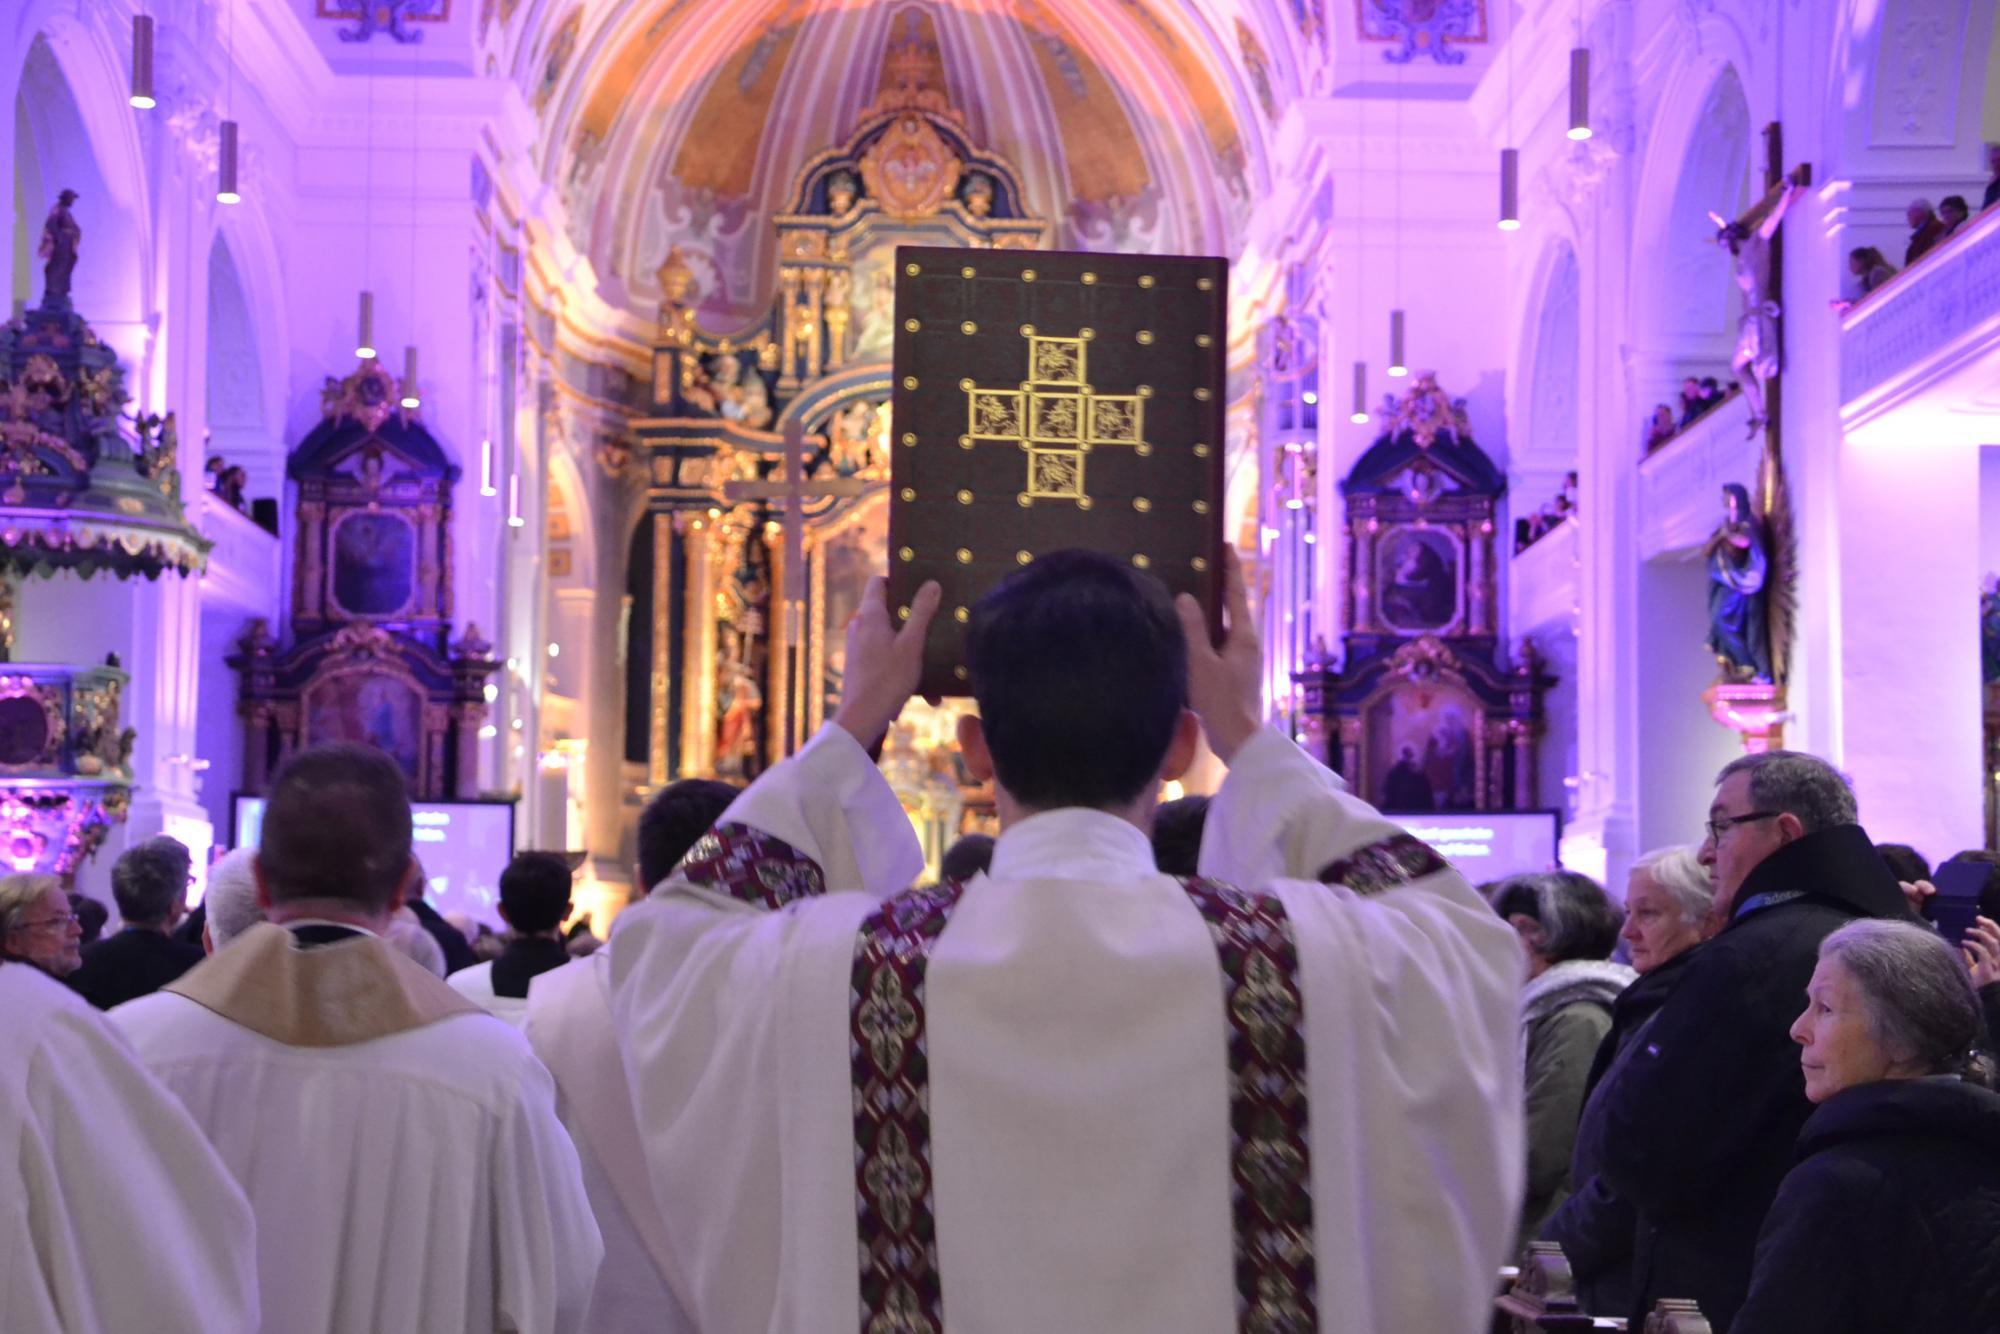 2019-ueber-den-boten-priester-mit-evangelienbuch-in-der-basilika